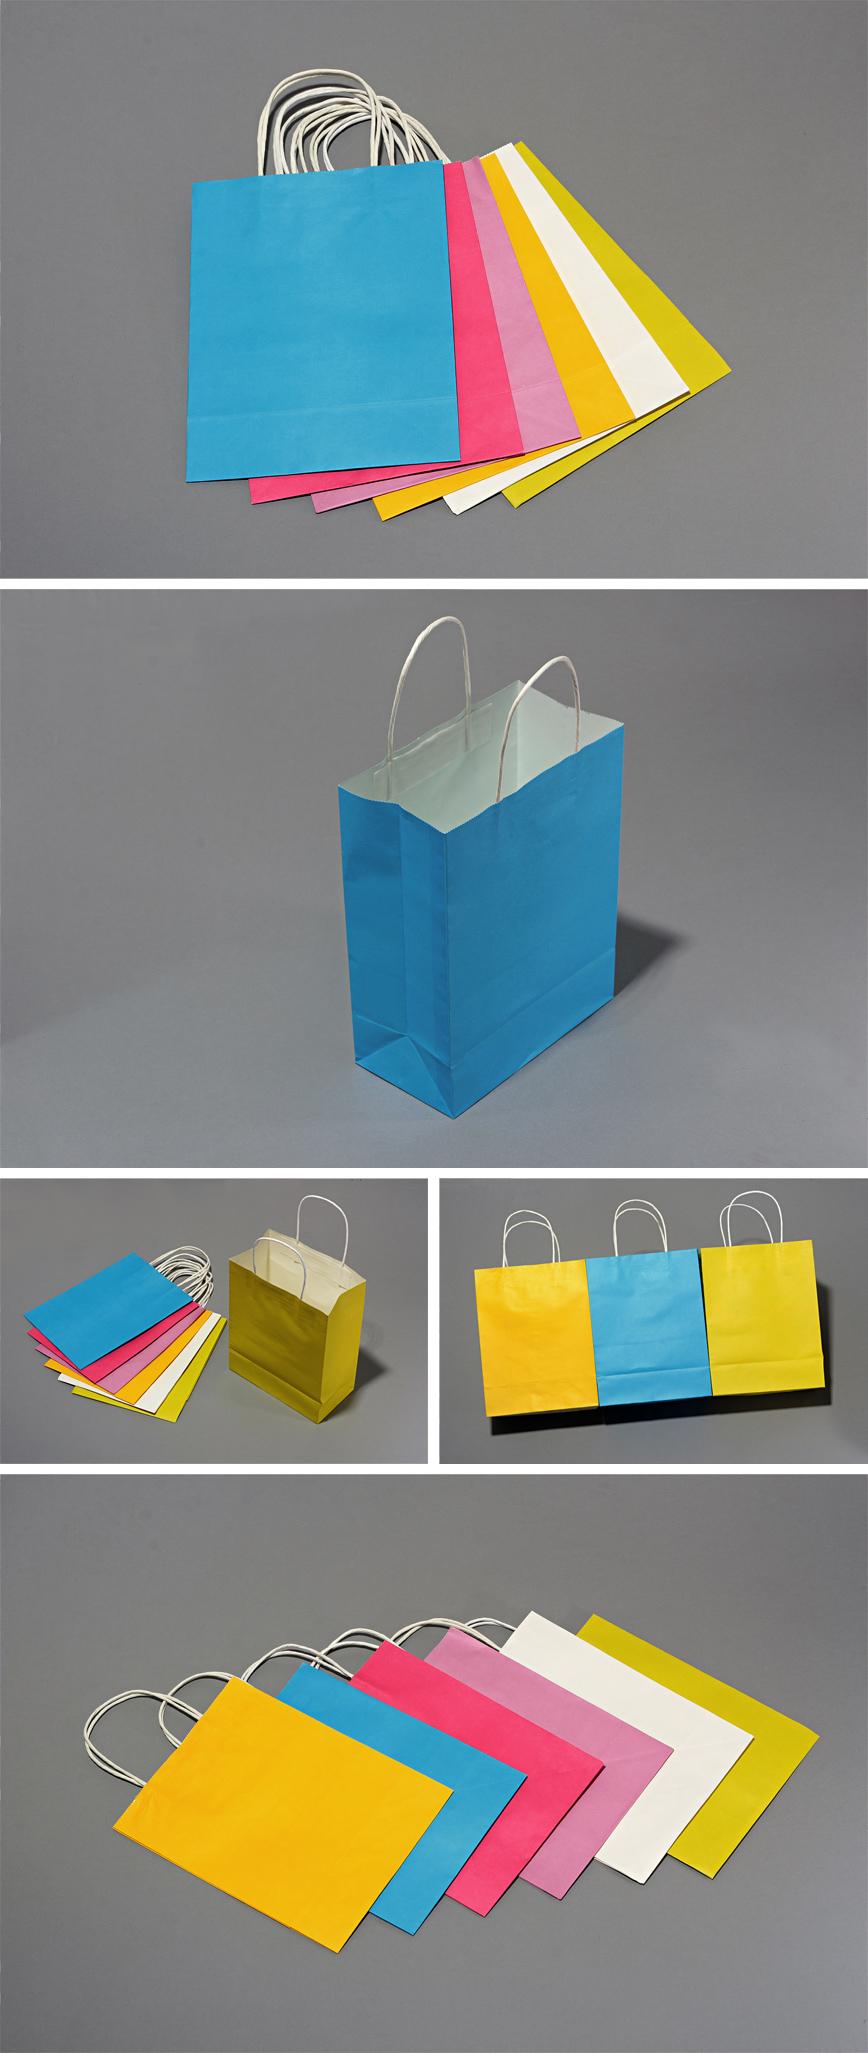 环保纸袋(手提袋)样品展示,环保纸袋(手提袋)局部细节、颜色、款式展示。